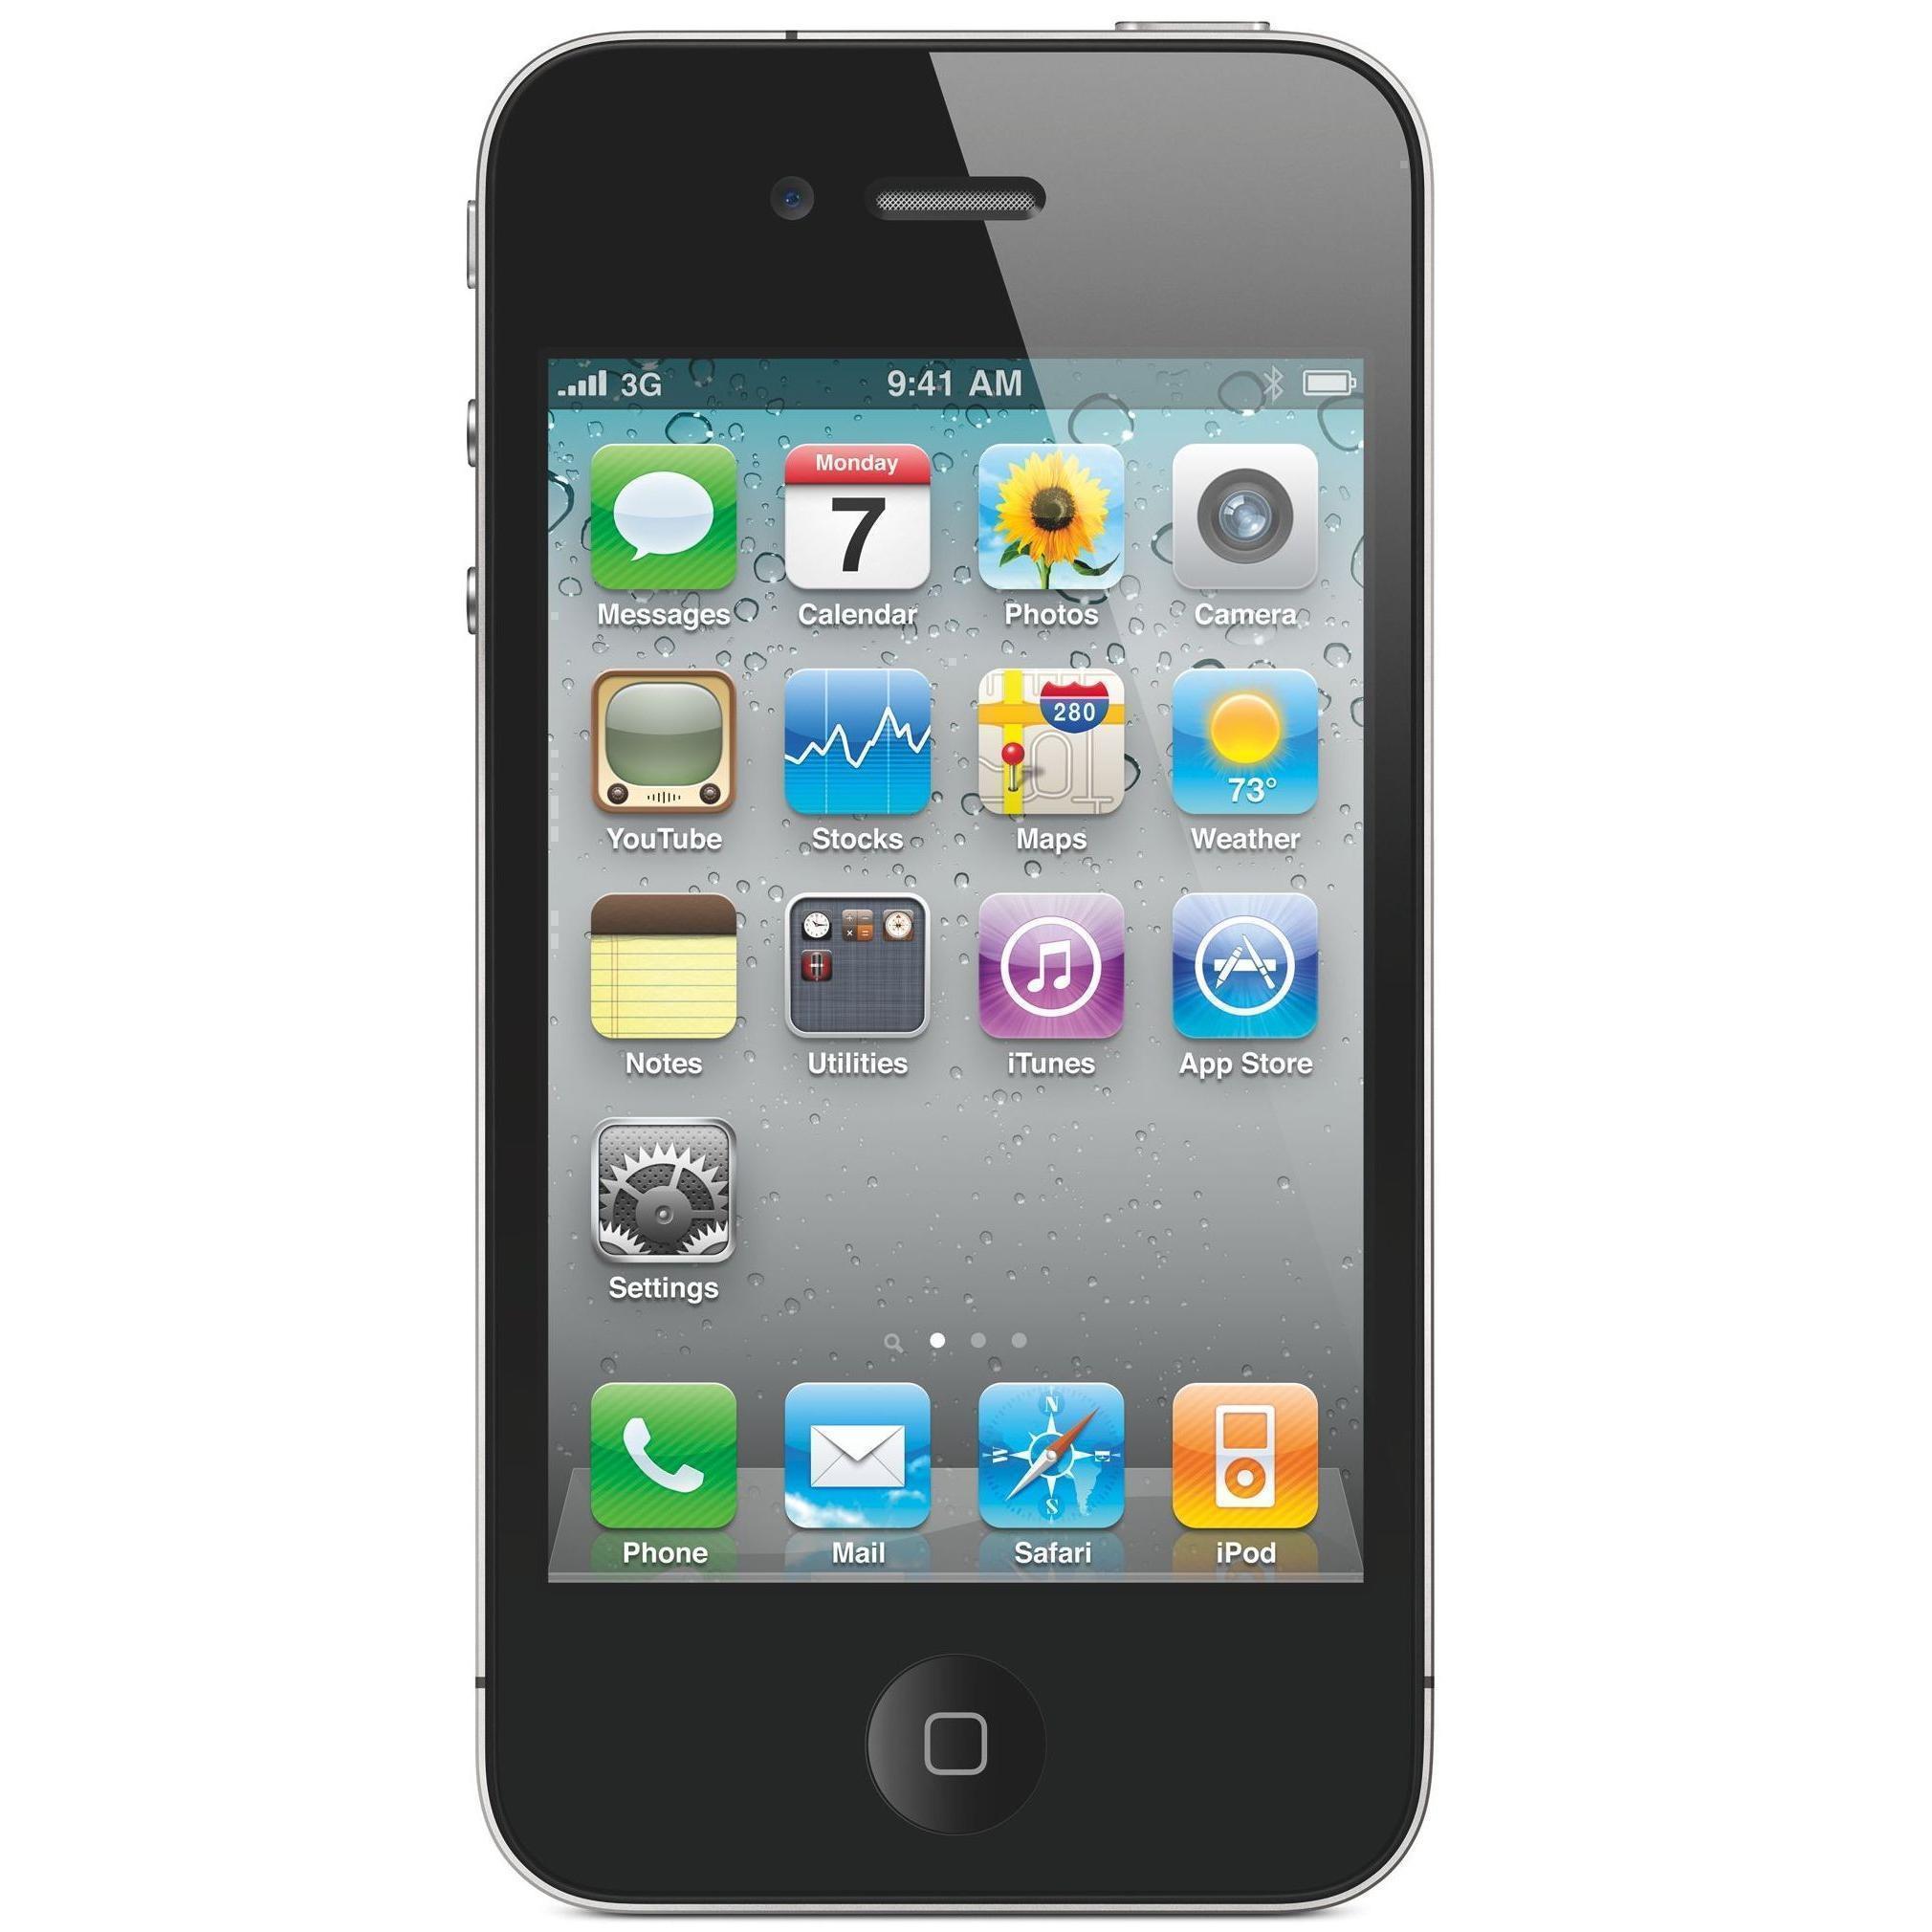 iPhone 4S 16 GB - Schwarz - Ohne Vertrag